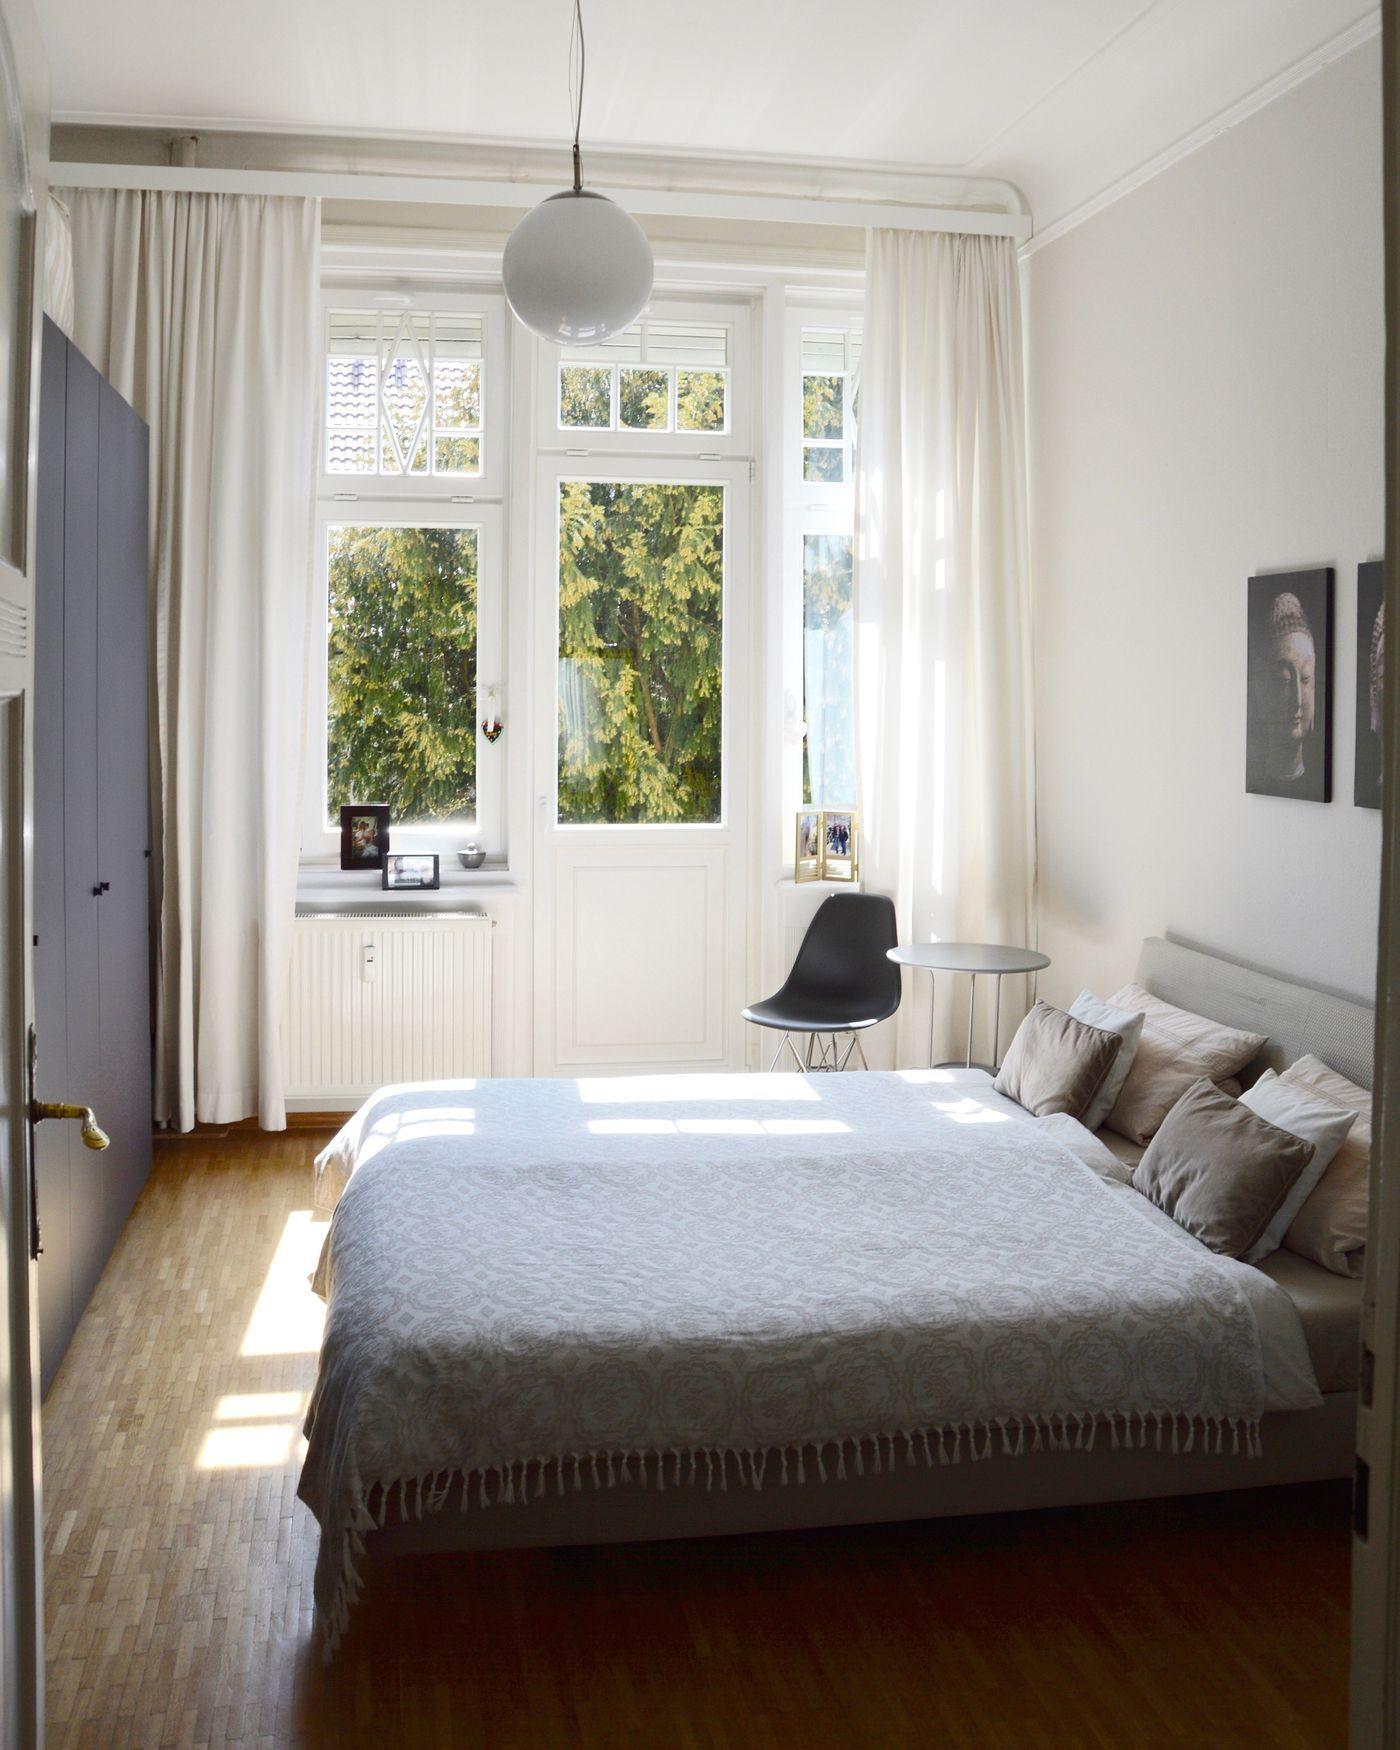 Schlafzimmer Design Youtube: Schlafzimmer: Ideen Zum Einrichten & Gestalten